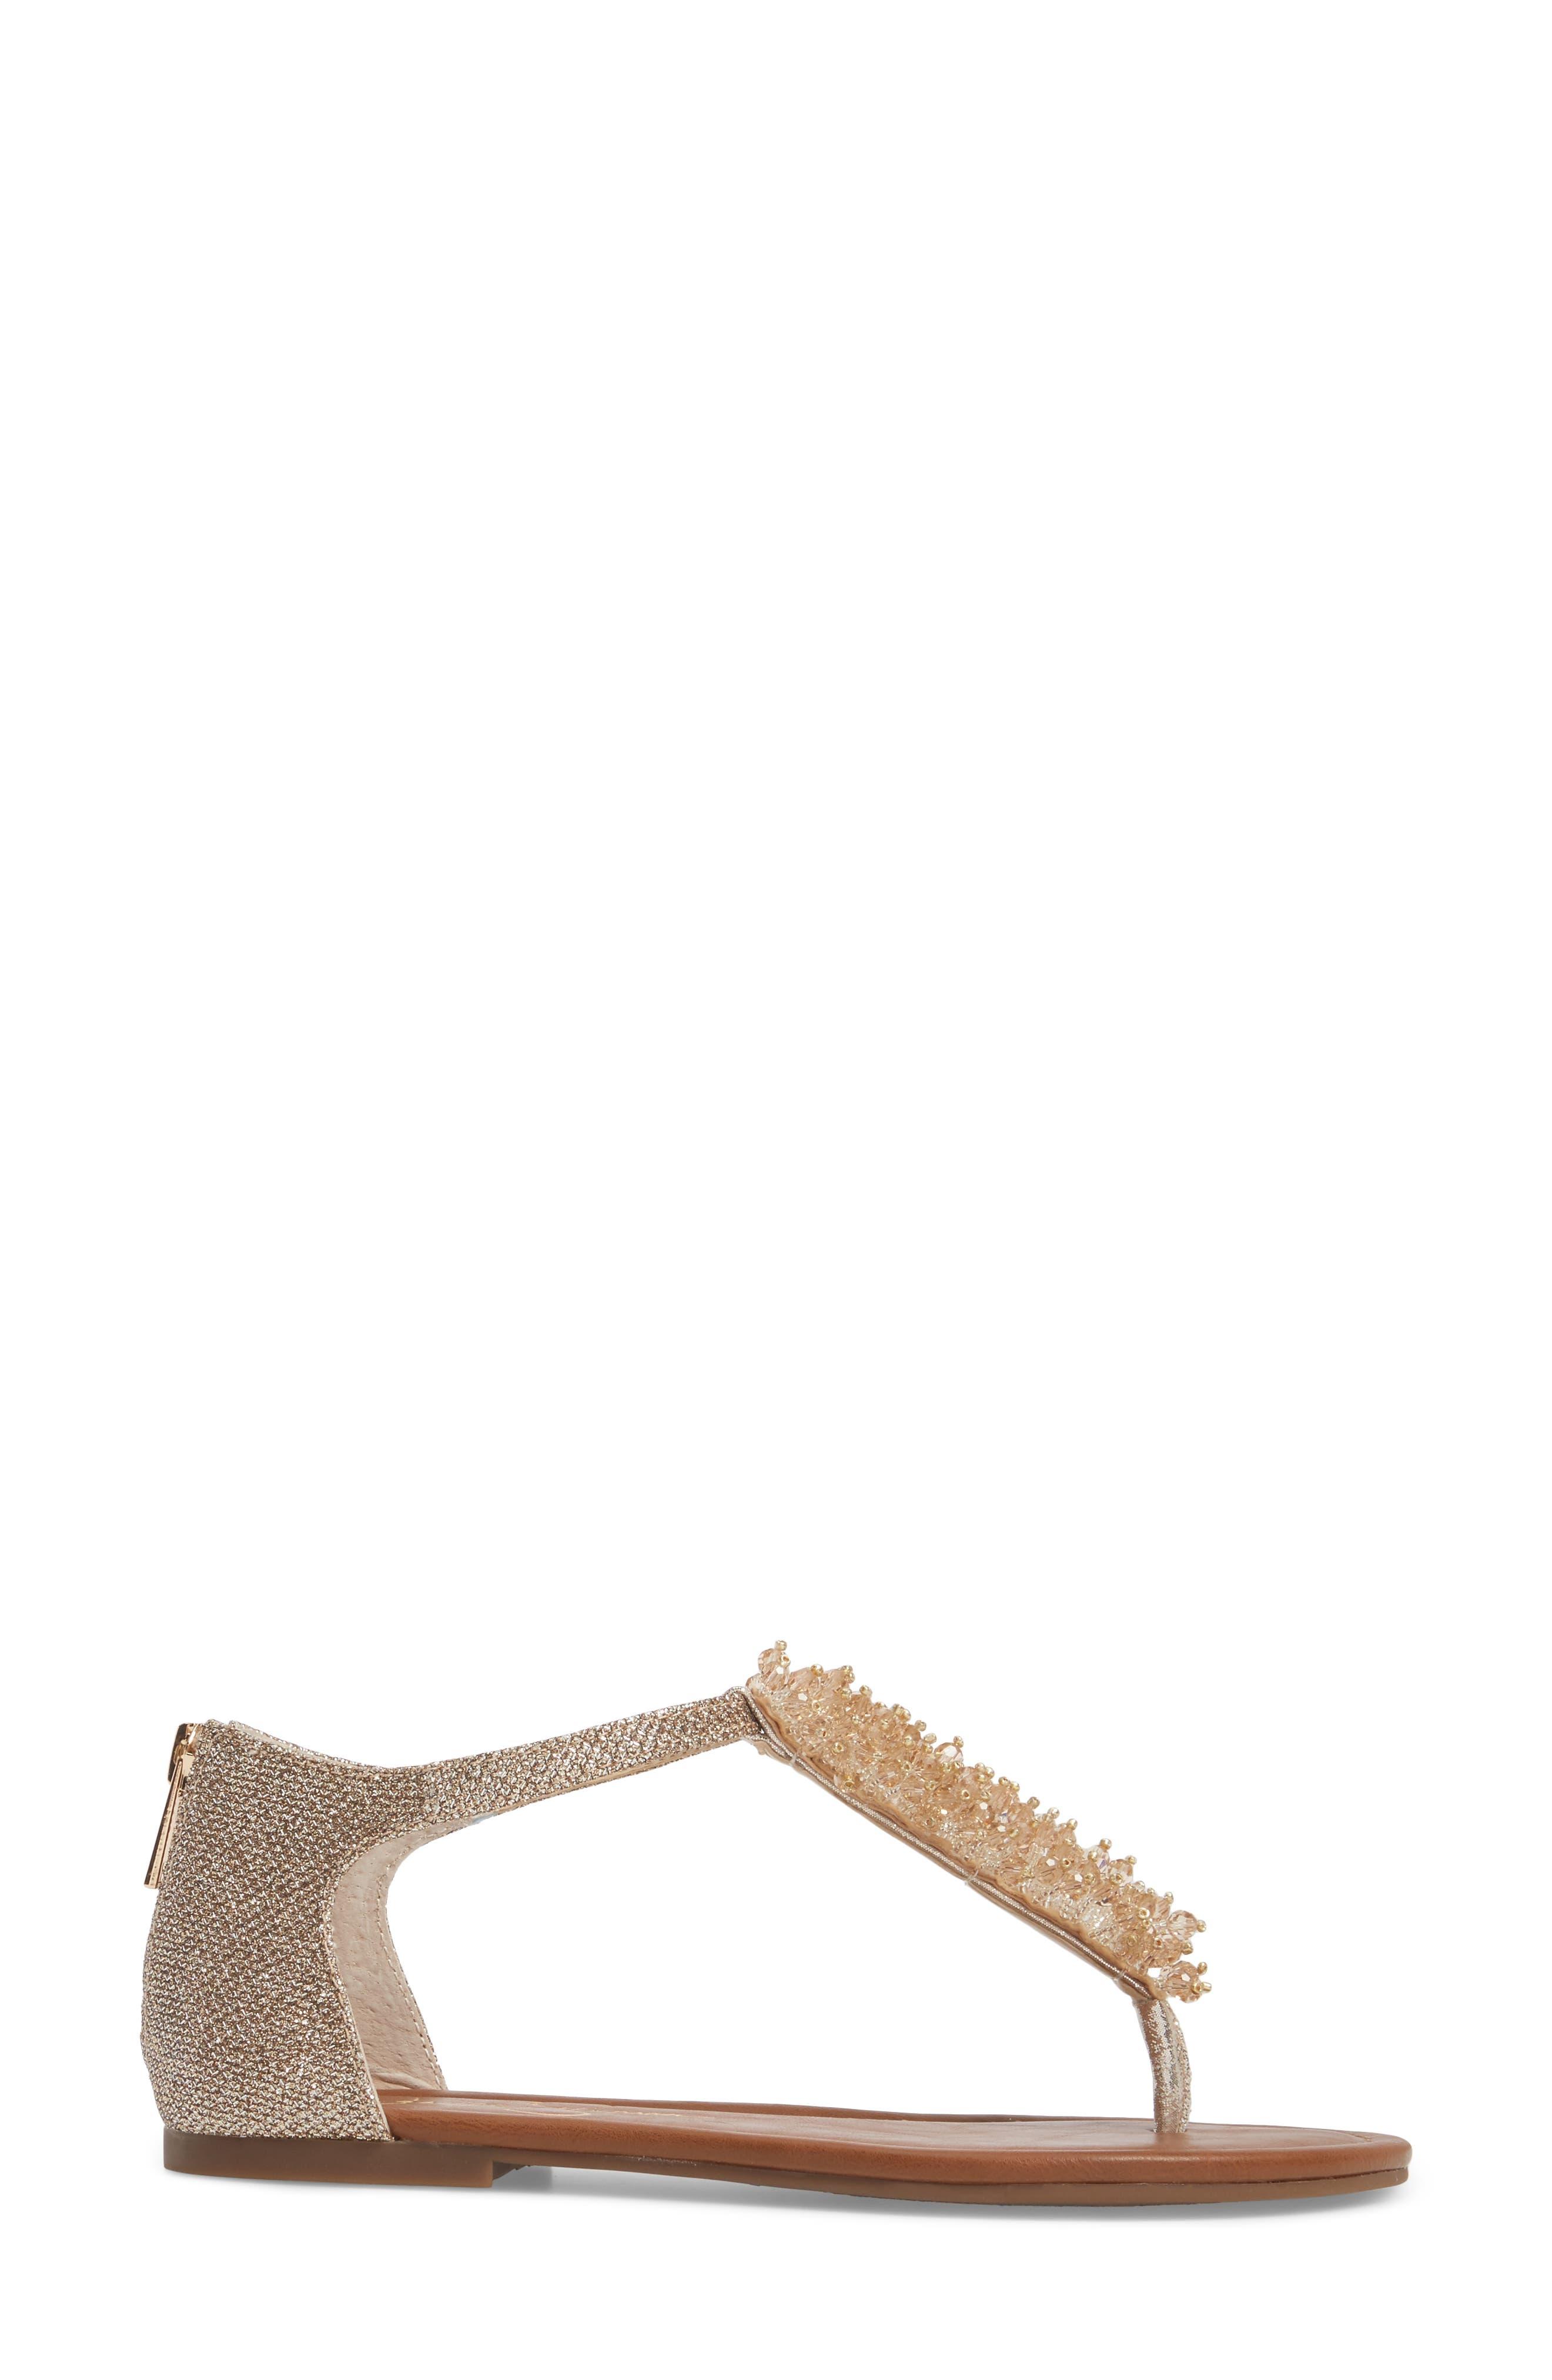 Kenton Crystal Embellished Sandal,                             Alternate thumbnail 3, color,                             Gold